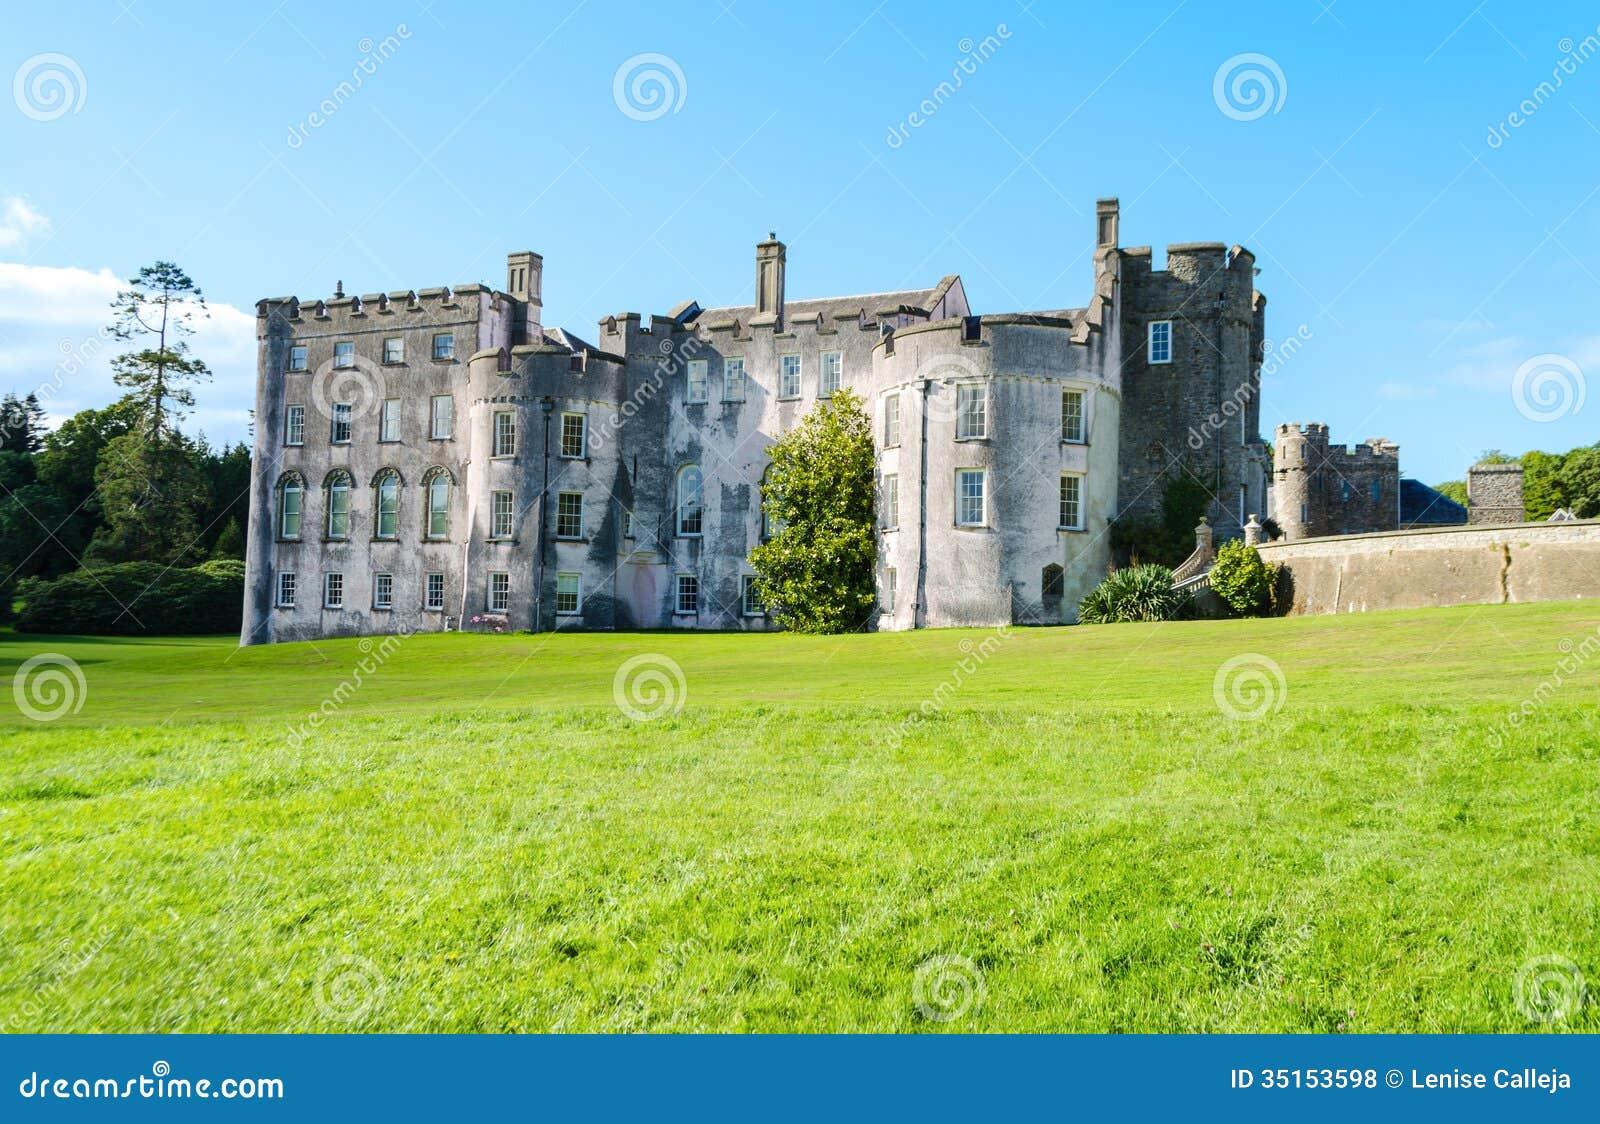 Castelo de Picton em Haverfordwest - Gales, Reino Unido